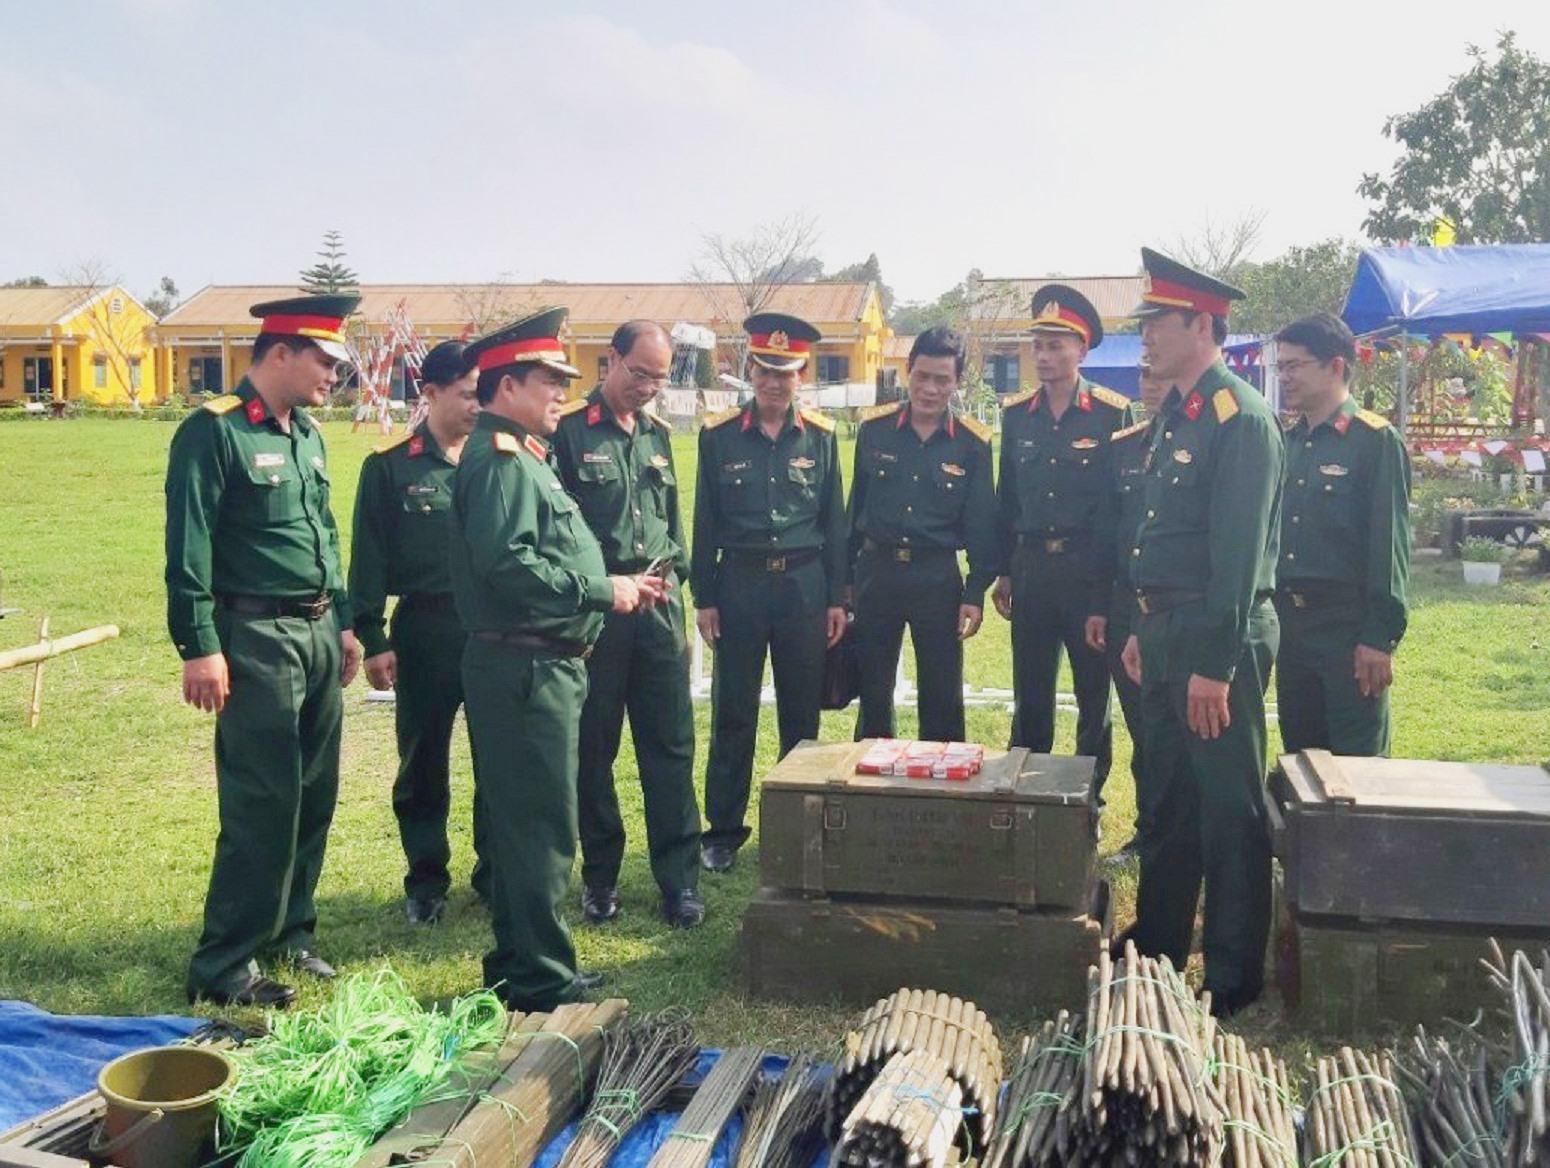 Trung tướng Trịnh Đình Thạch - Chính ủy Quân khu 5 kiểm tra mô hình học cụ của Trung đoàn 143 Sư đoàn 315 Quân khu 5. Ảnh: NGỌC DIỆP